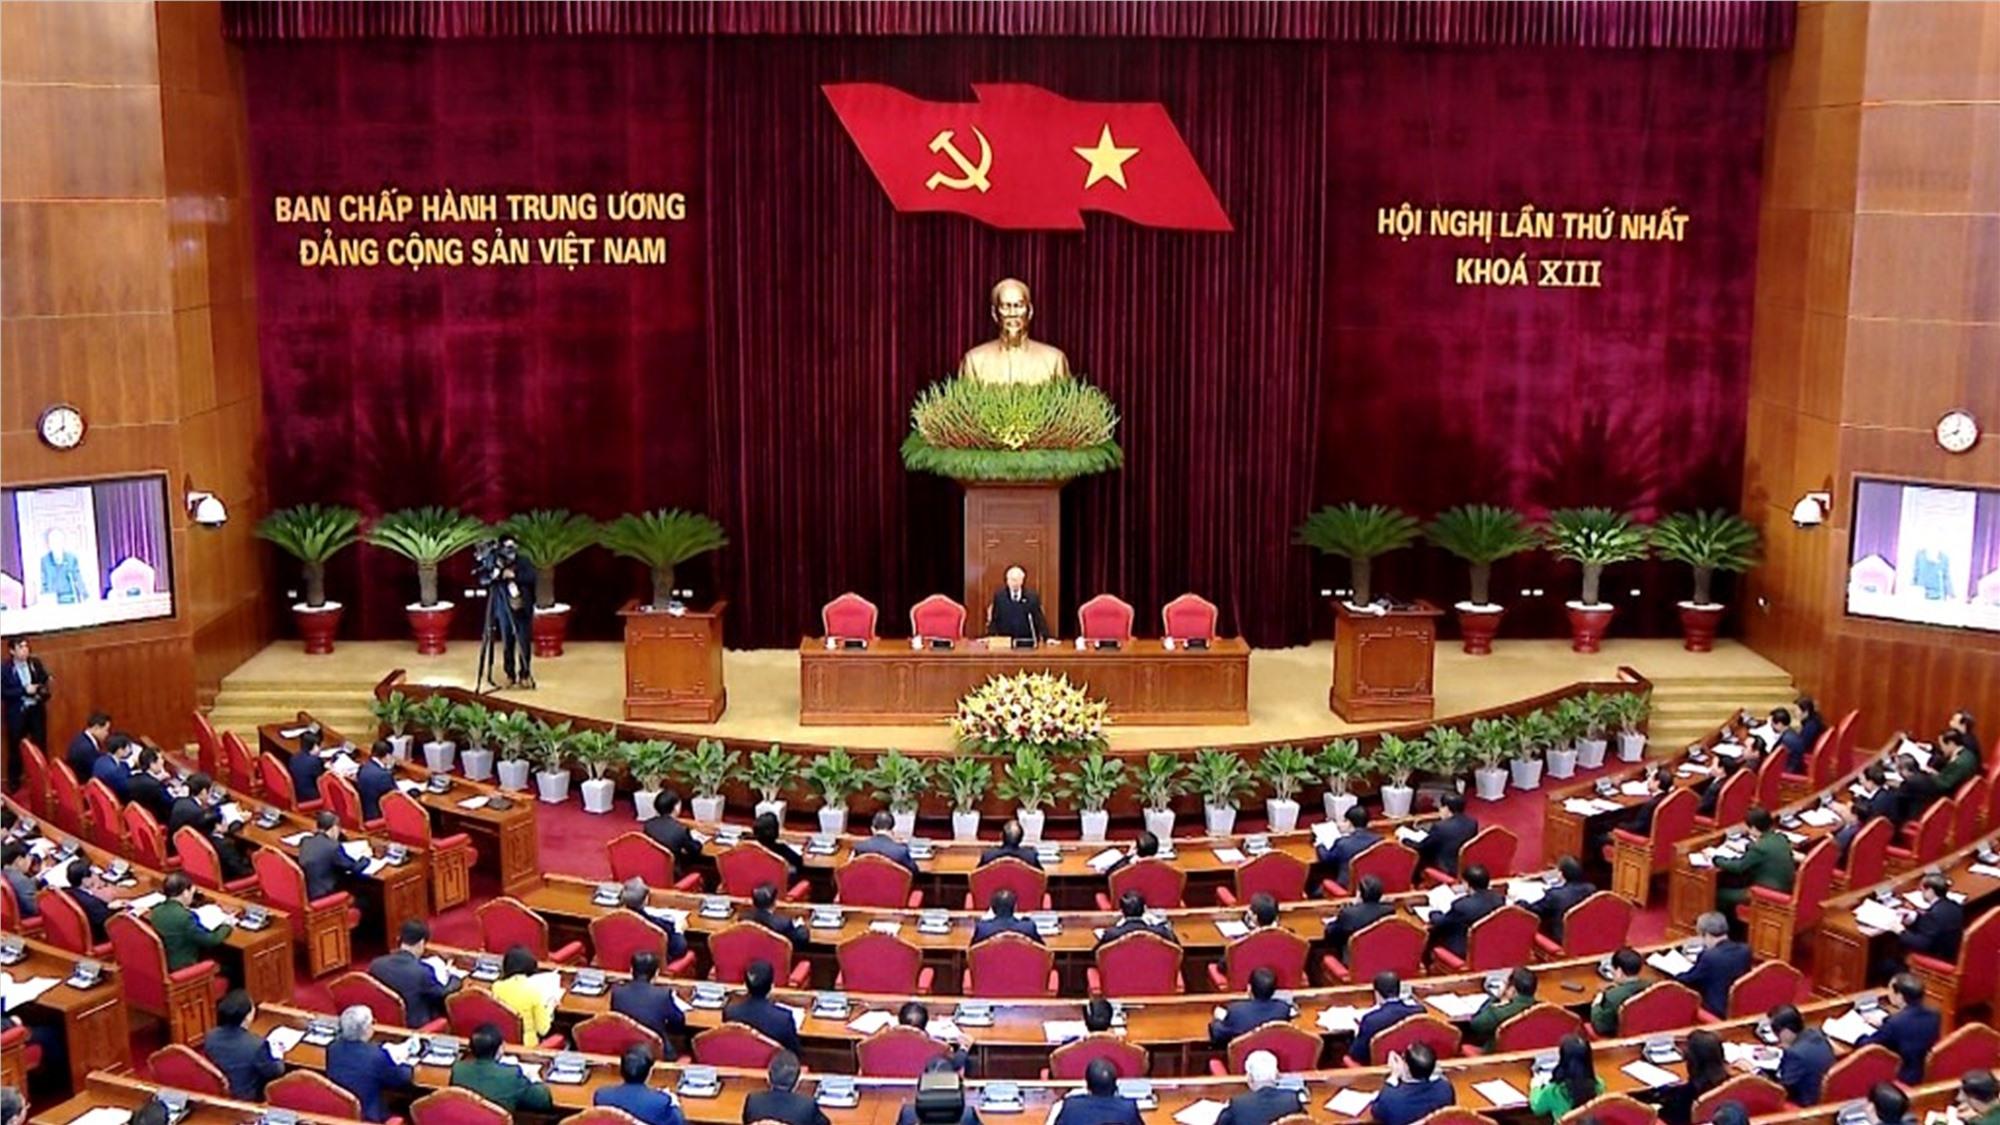 Hội nghị lần thứ nhất Ban Chấp hành Trung ương Khóa XIII